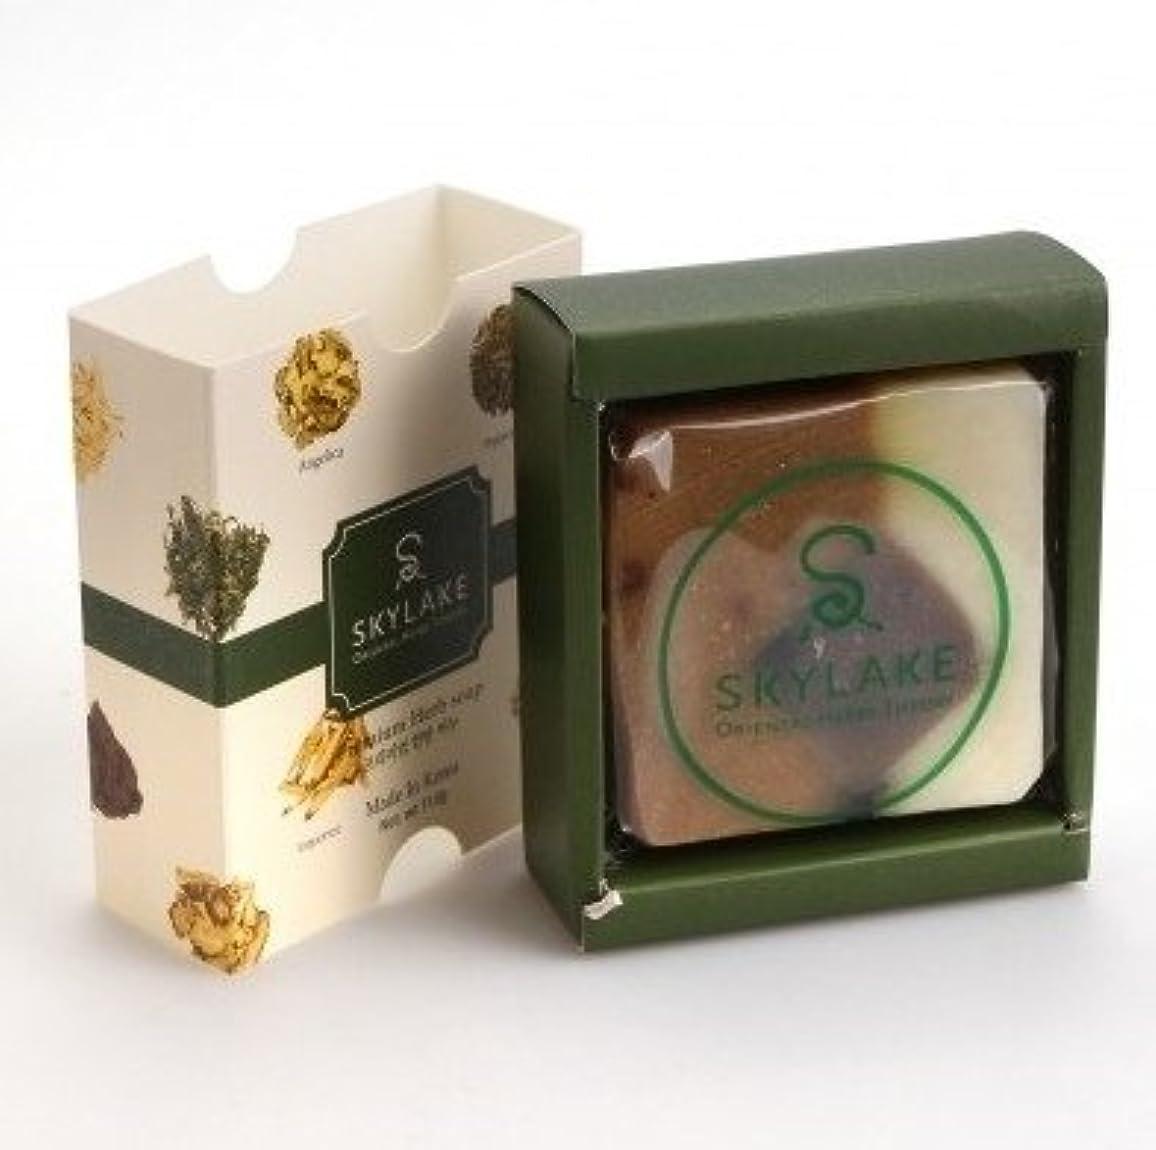 任命乳剤メロドラマハヌルホス[Skylake] 漢方アロマ石鹸Oriental Herbs Theory Soap (プレミアム 手作り漢方)